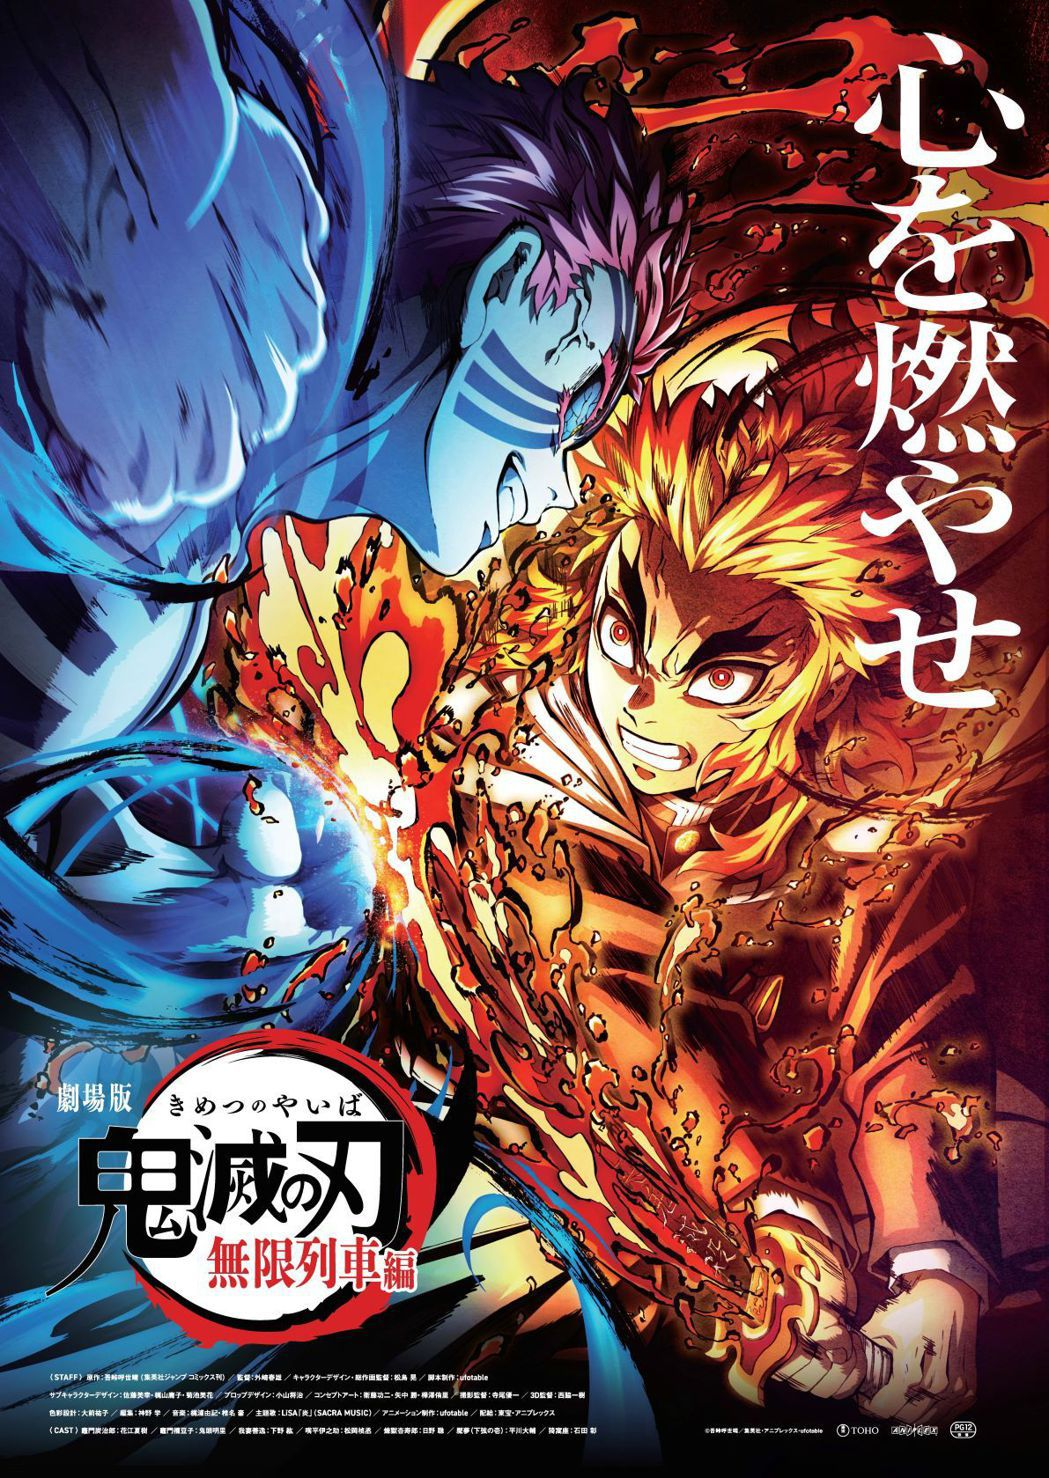 「鬼滅之刃劇場版 無限列車篇」在日本票房不斷衝高。 圖/擷自推特